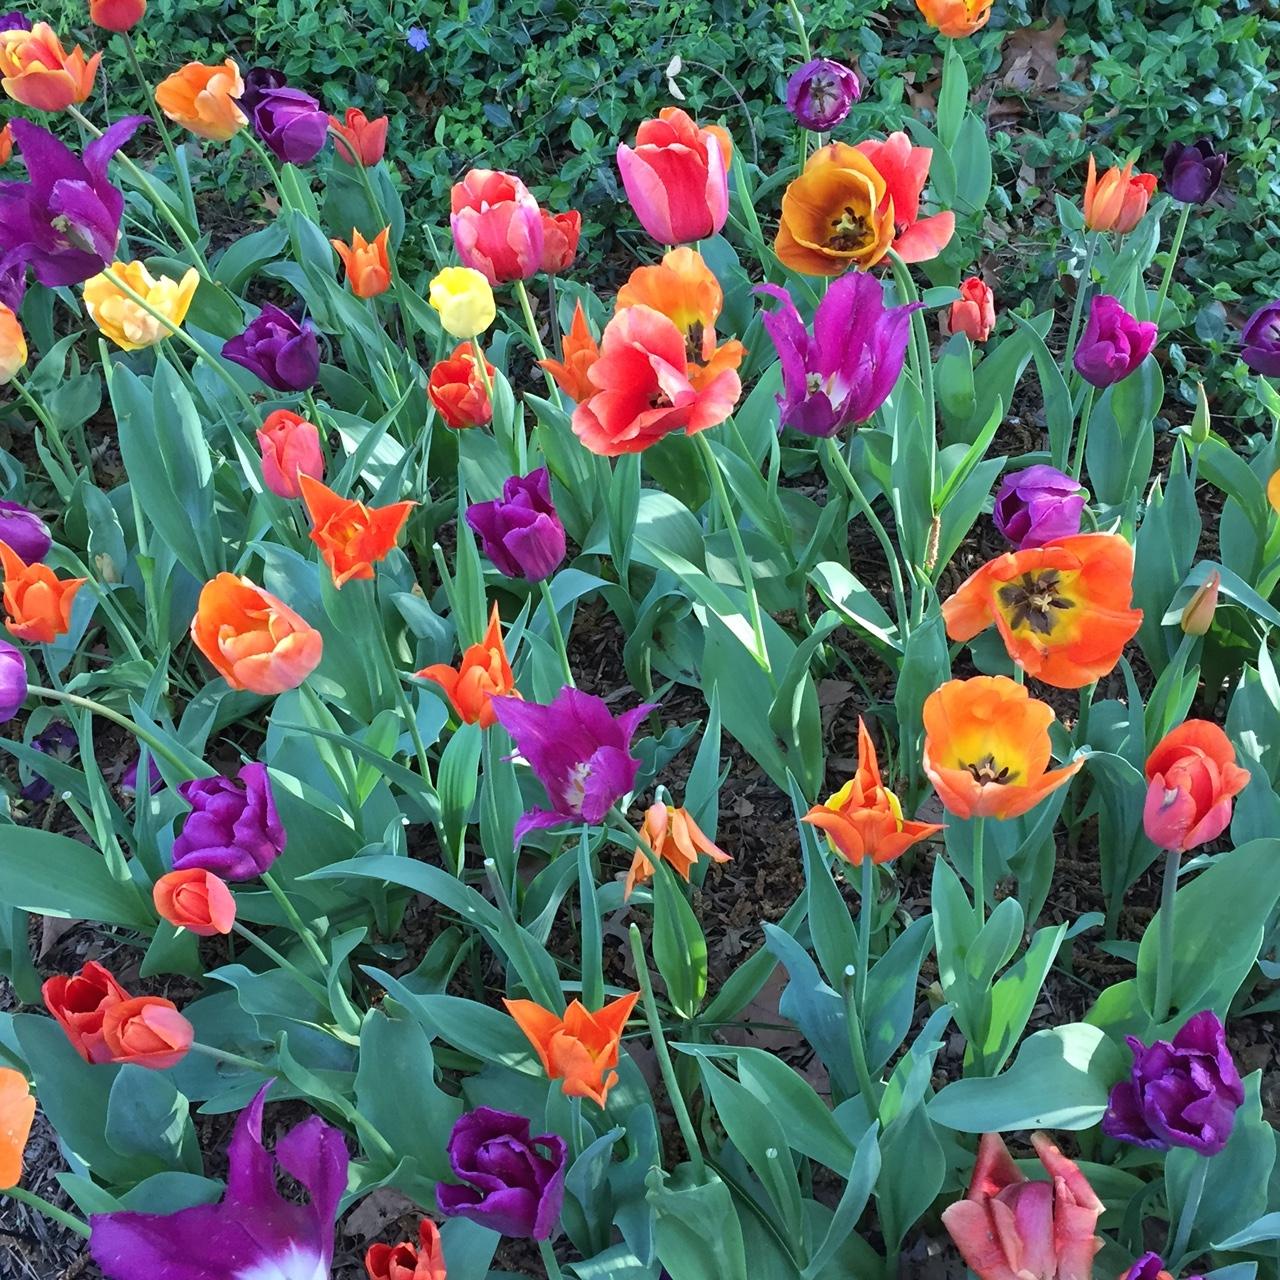 Tulipa in Central Park